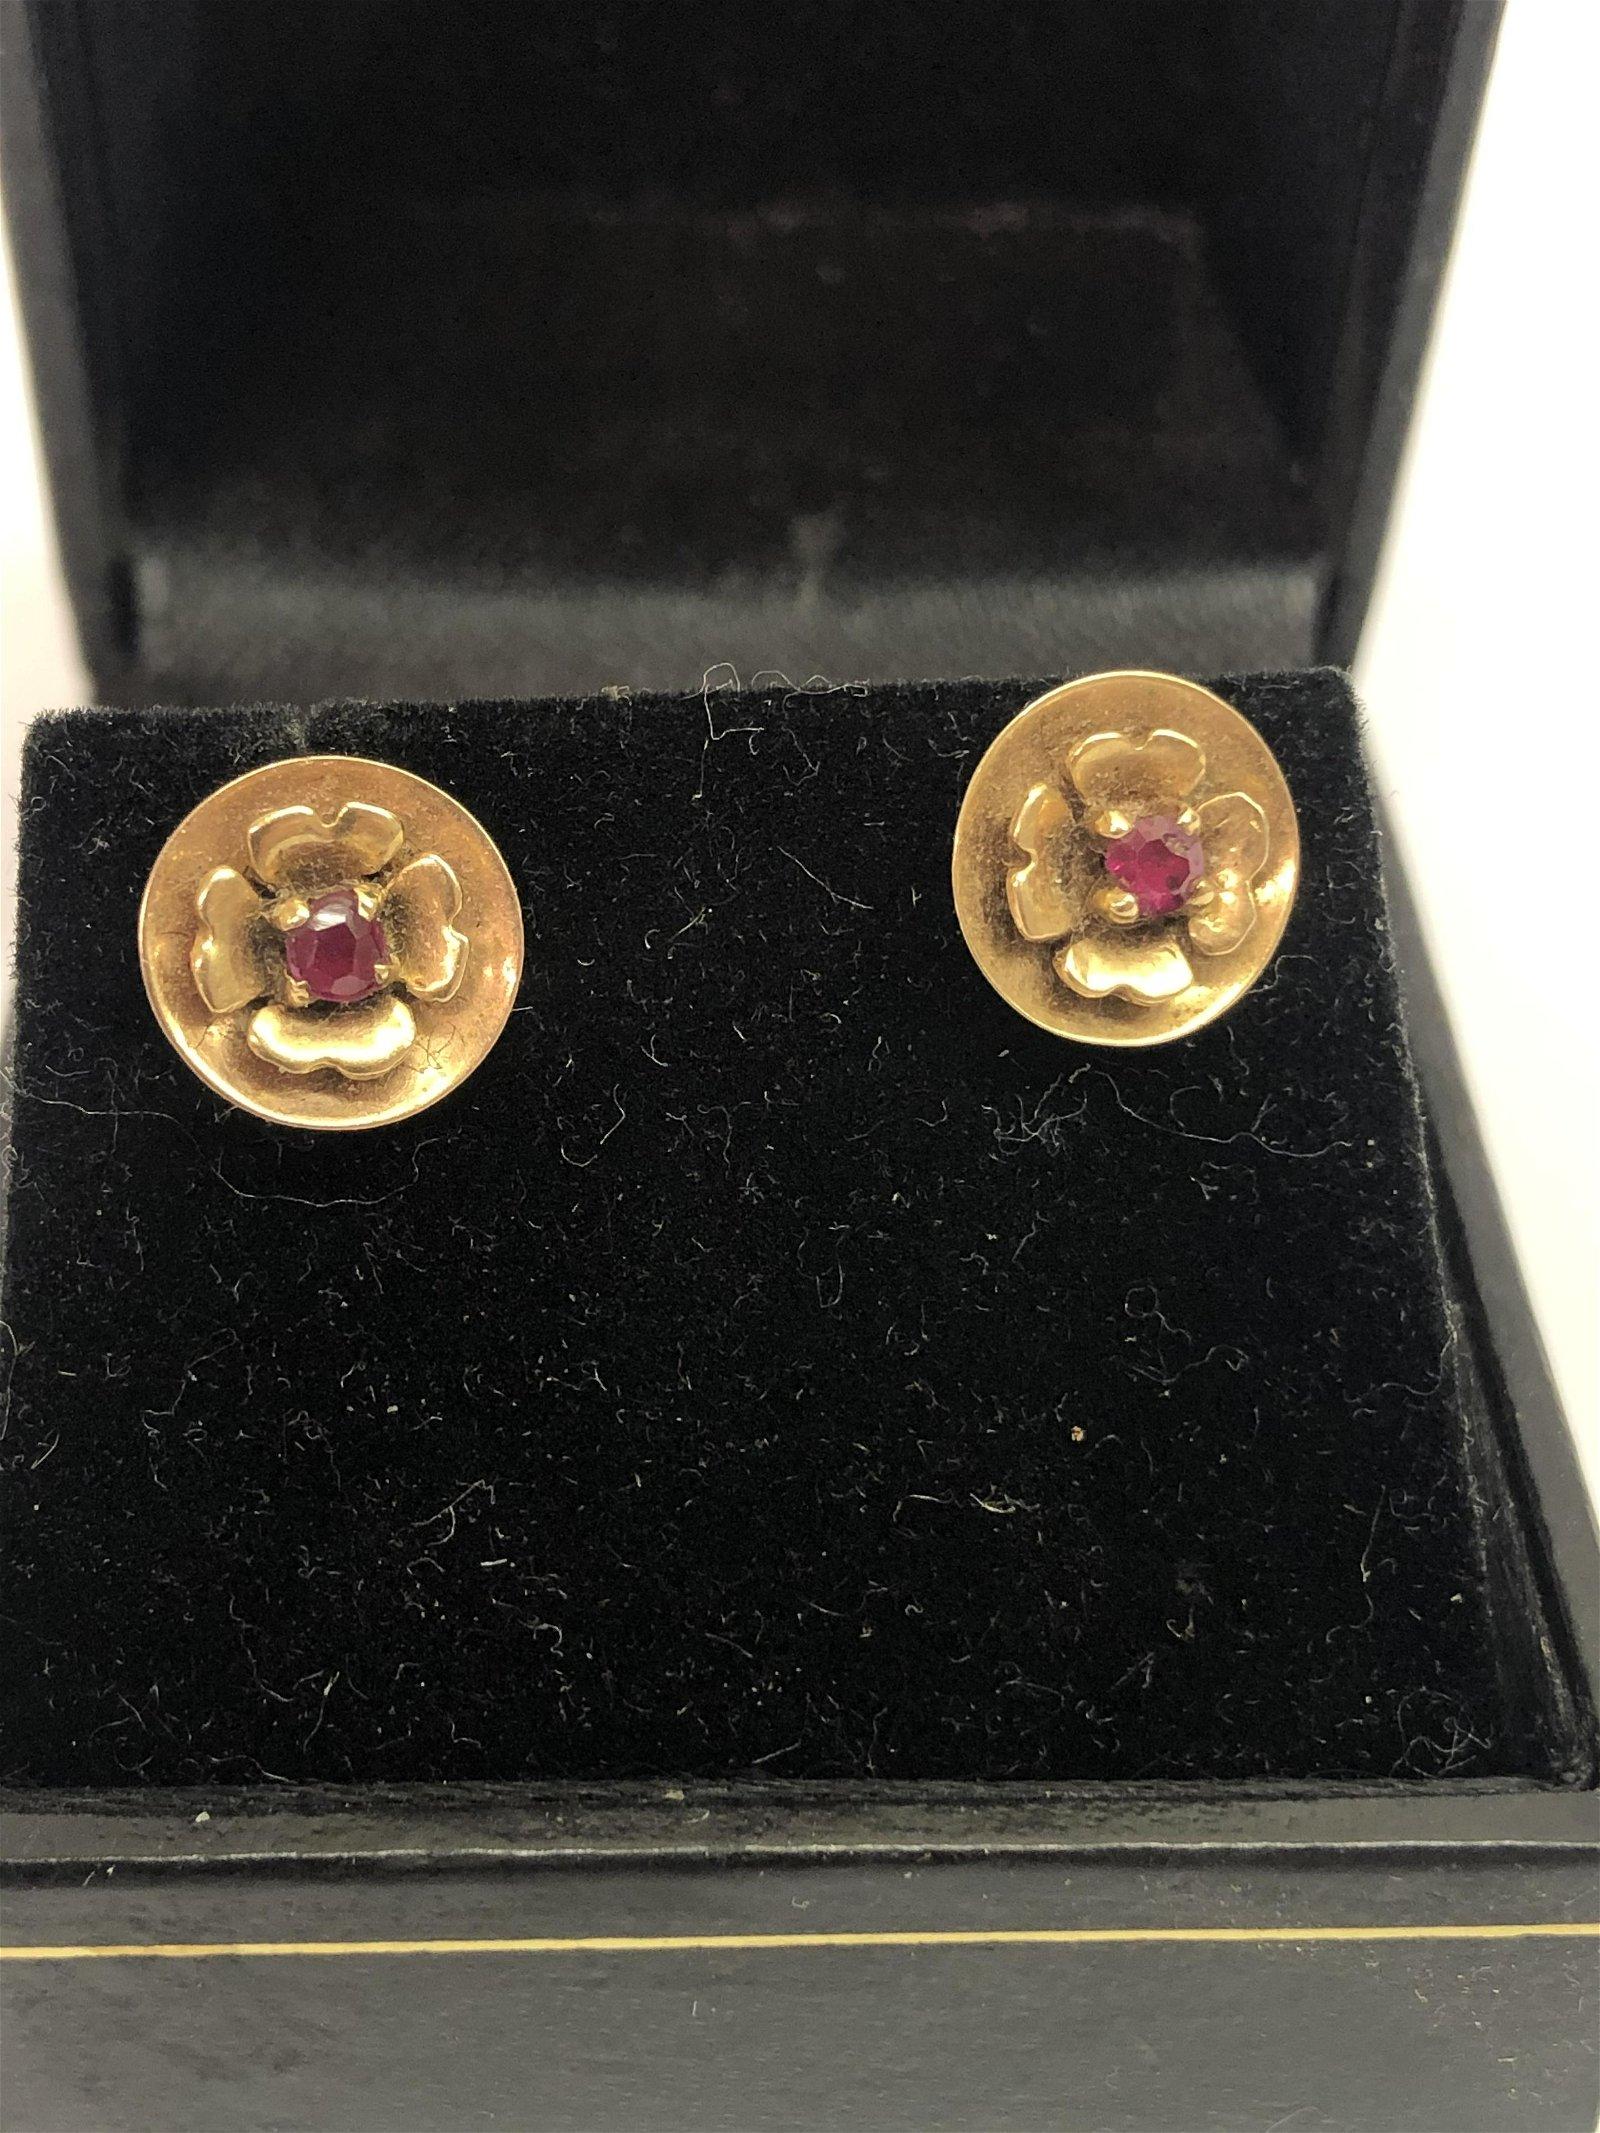 Antique 14K Gold Earrings w/ Rubies